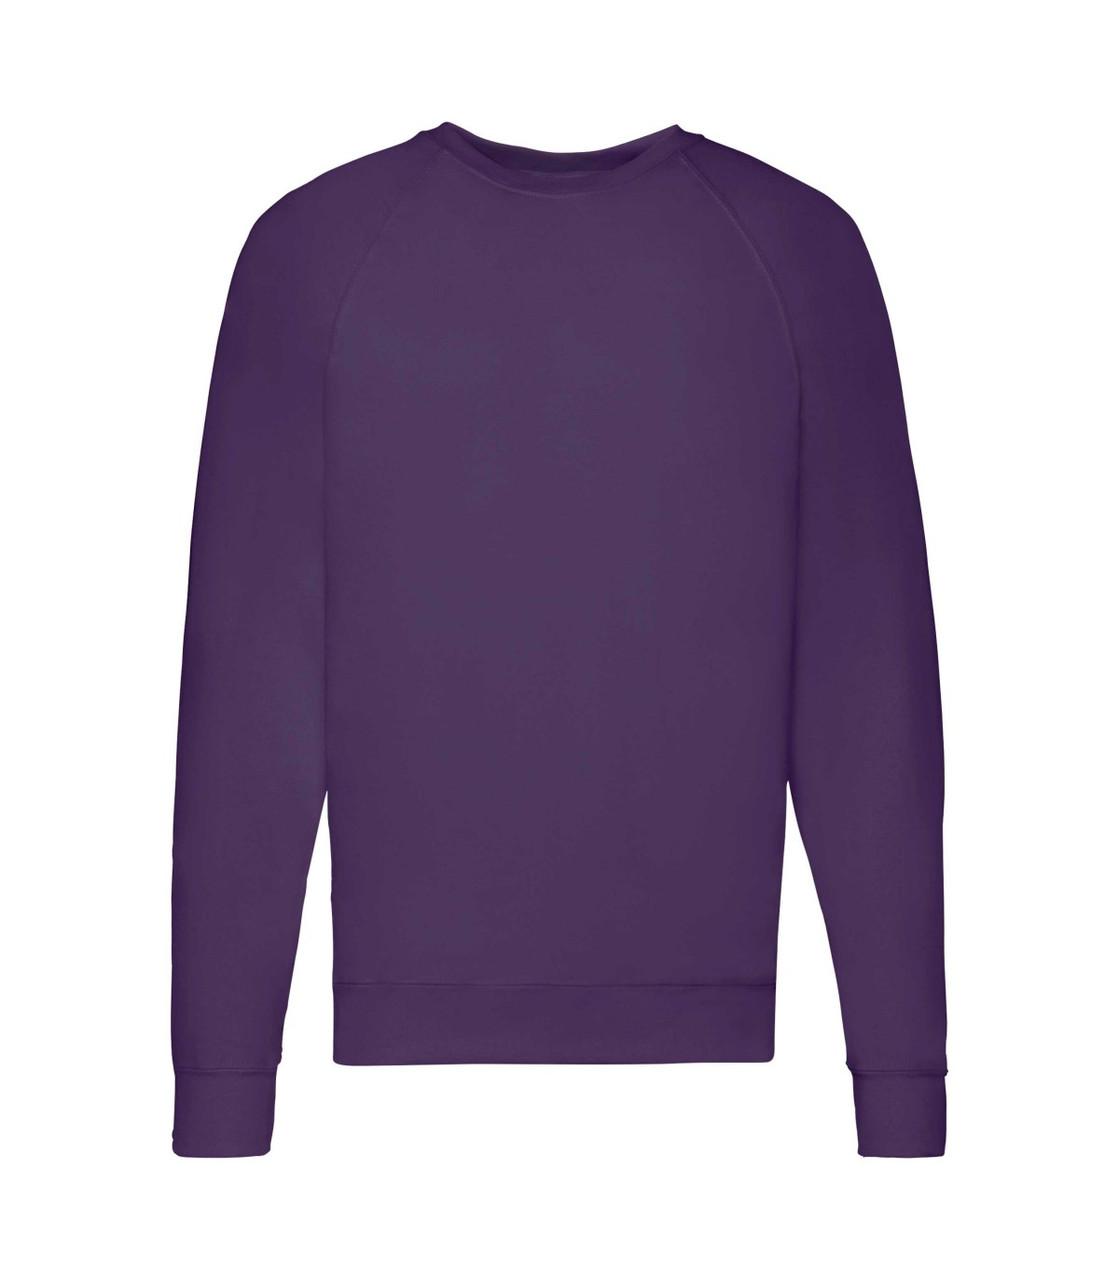 Мужской свитшот легкий фиолетовый 138-РЕ